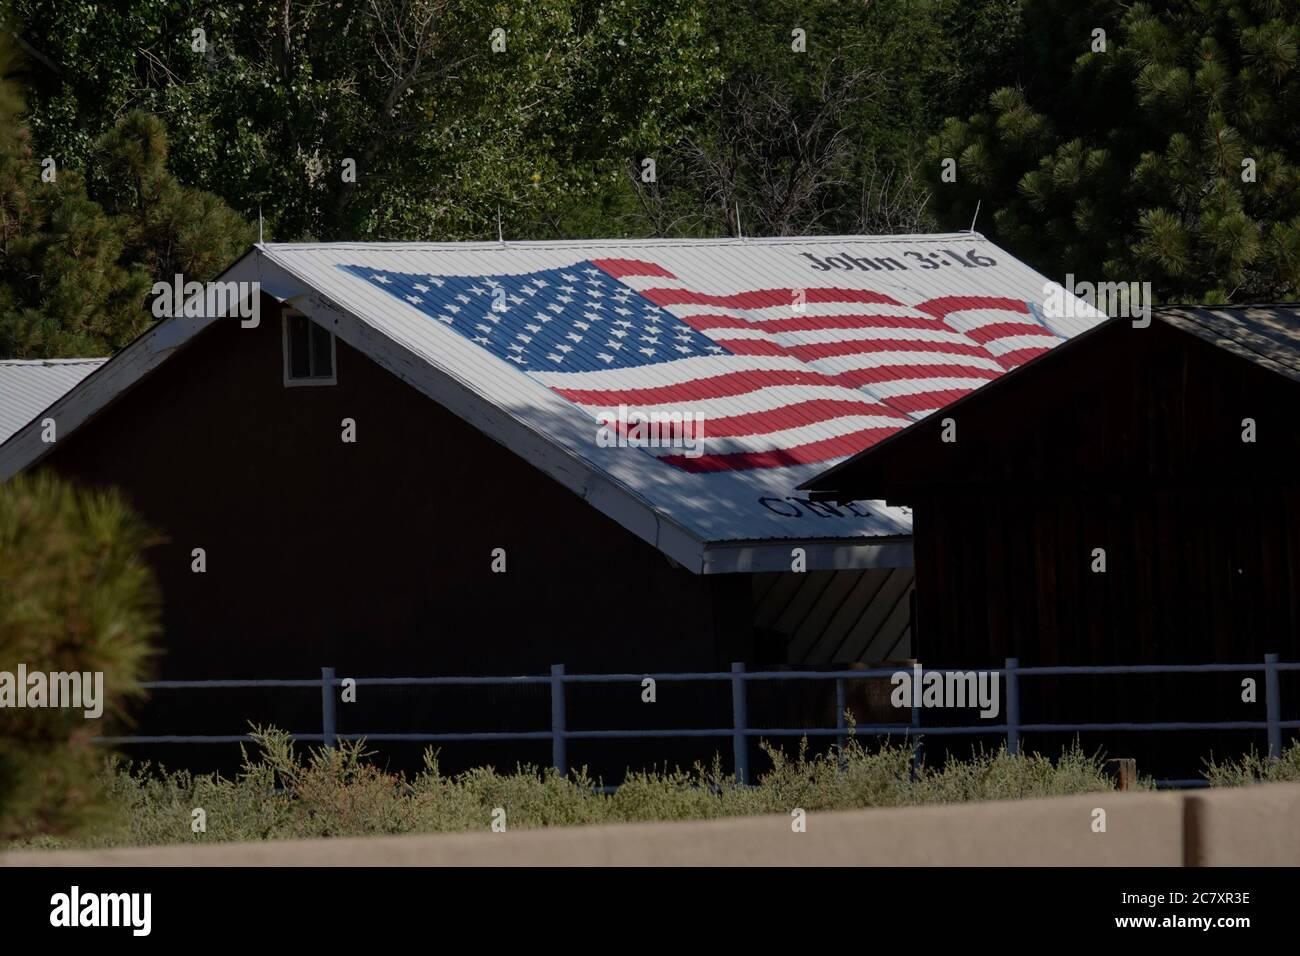 Un drapeau américain est peint sur le toit d'une maison avec la référence biblique à Jean:316 Banque D'Images